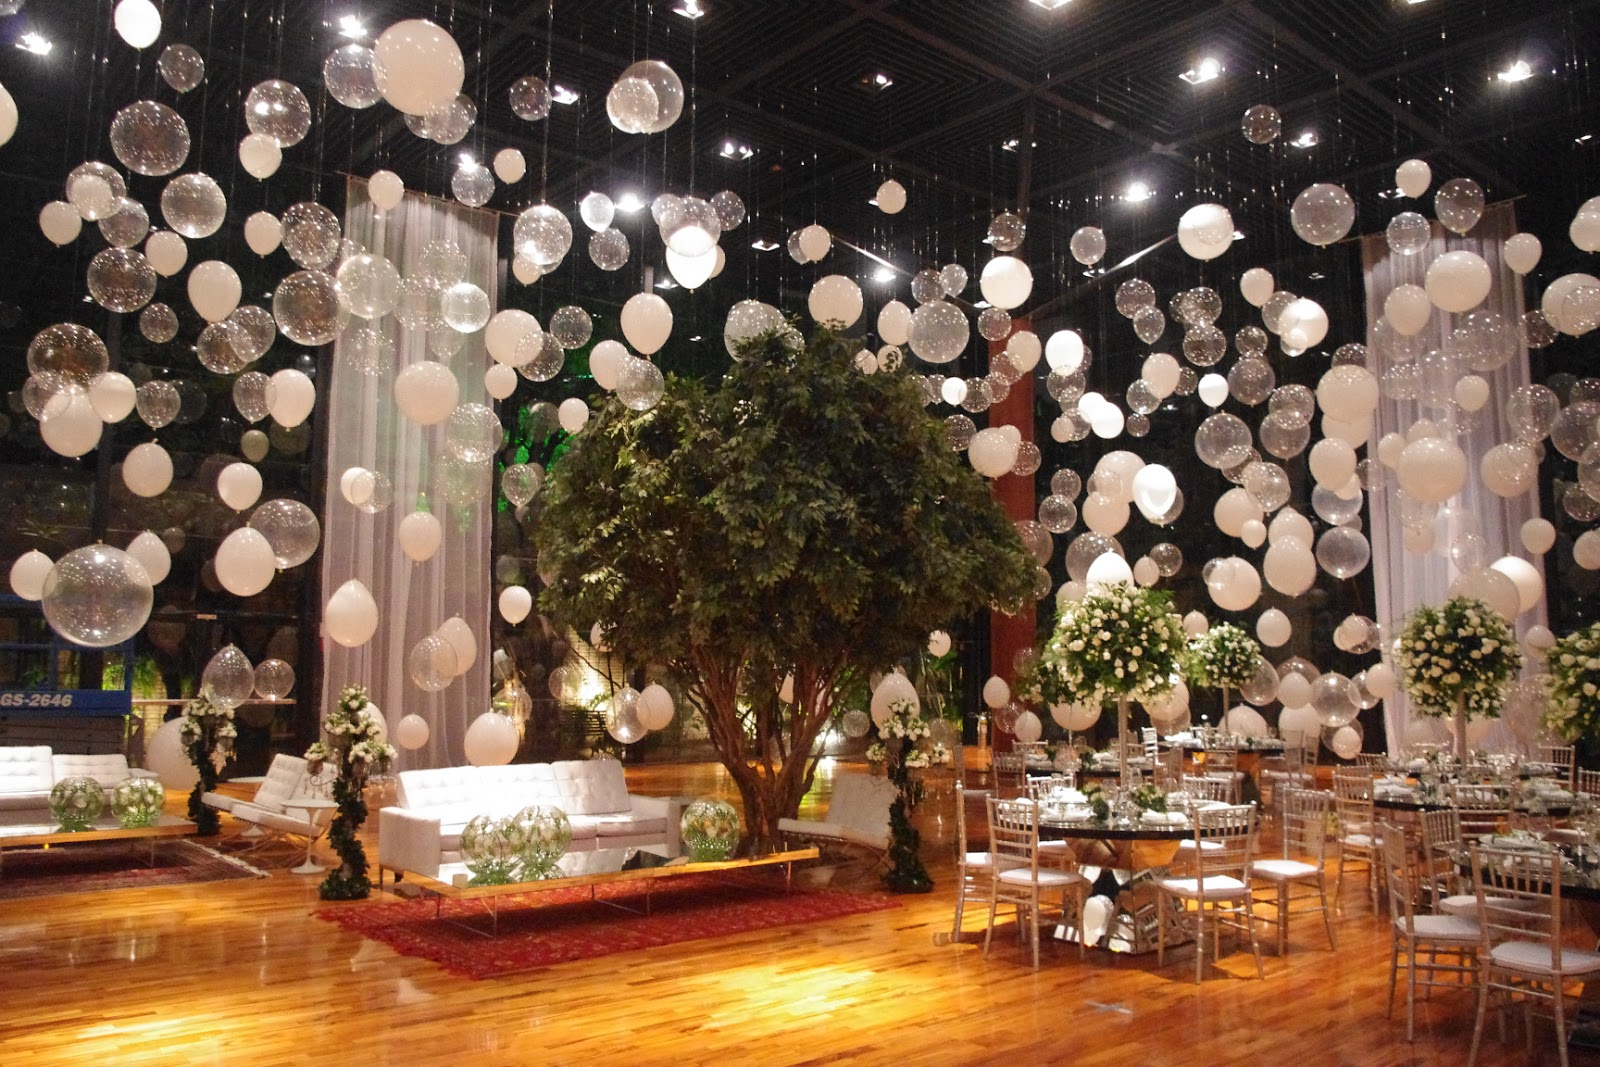 Lord Flores WOW!!! CASAMENTO BOMBÁSTICO!!! -> Decoração Balões Casamento